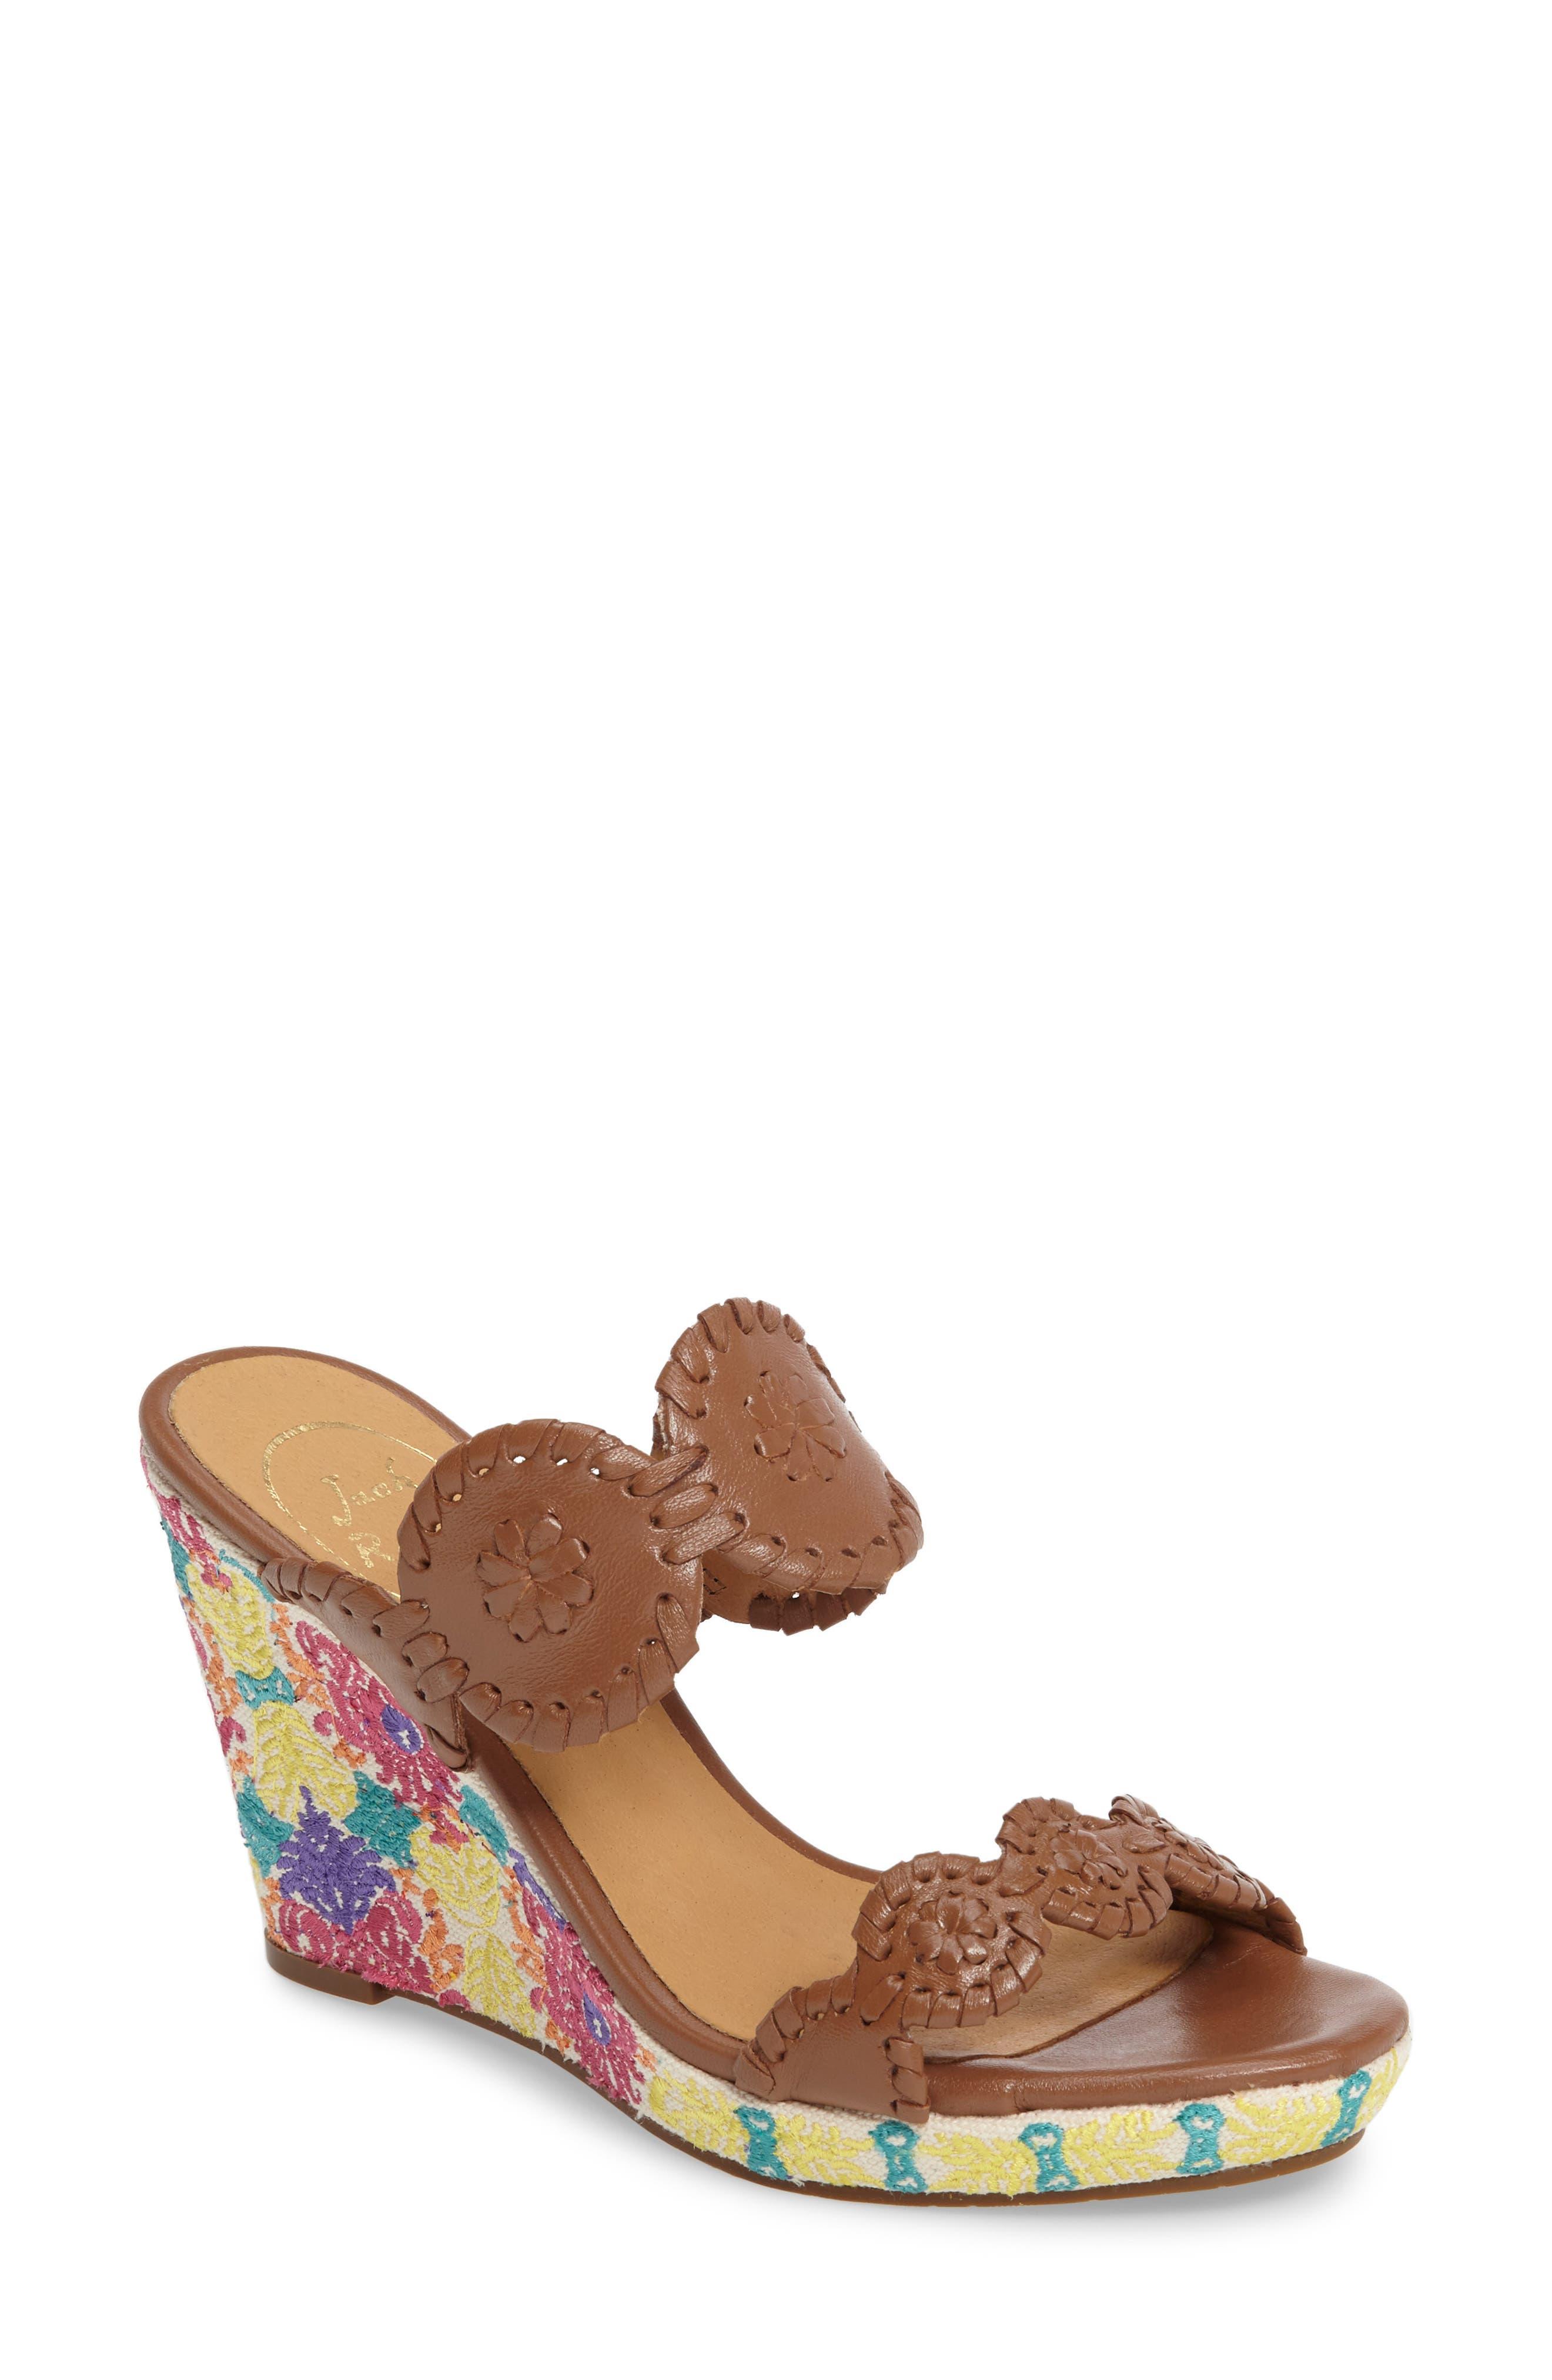 Livvy Wedge Slide Sandal,                         Main,                         color, Cognac Leather